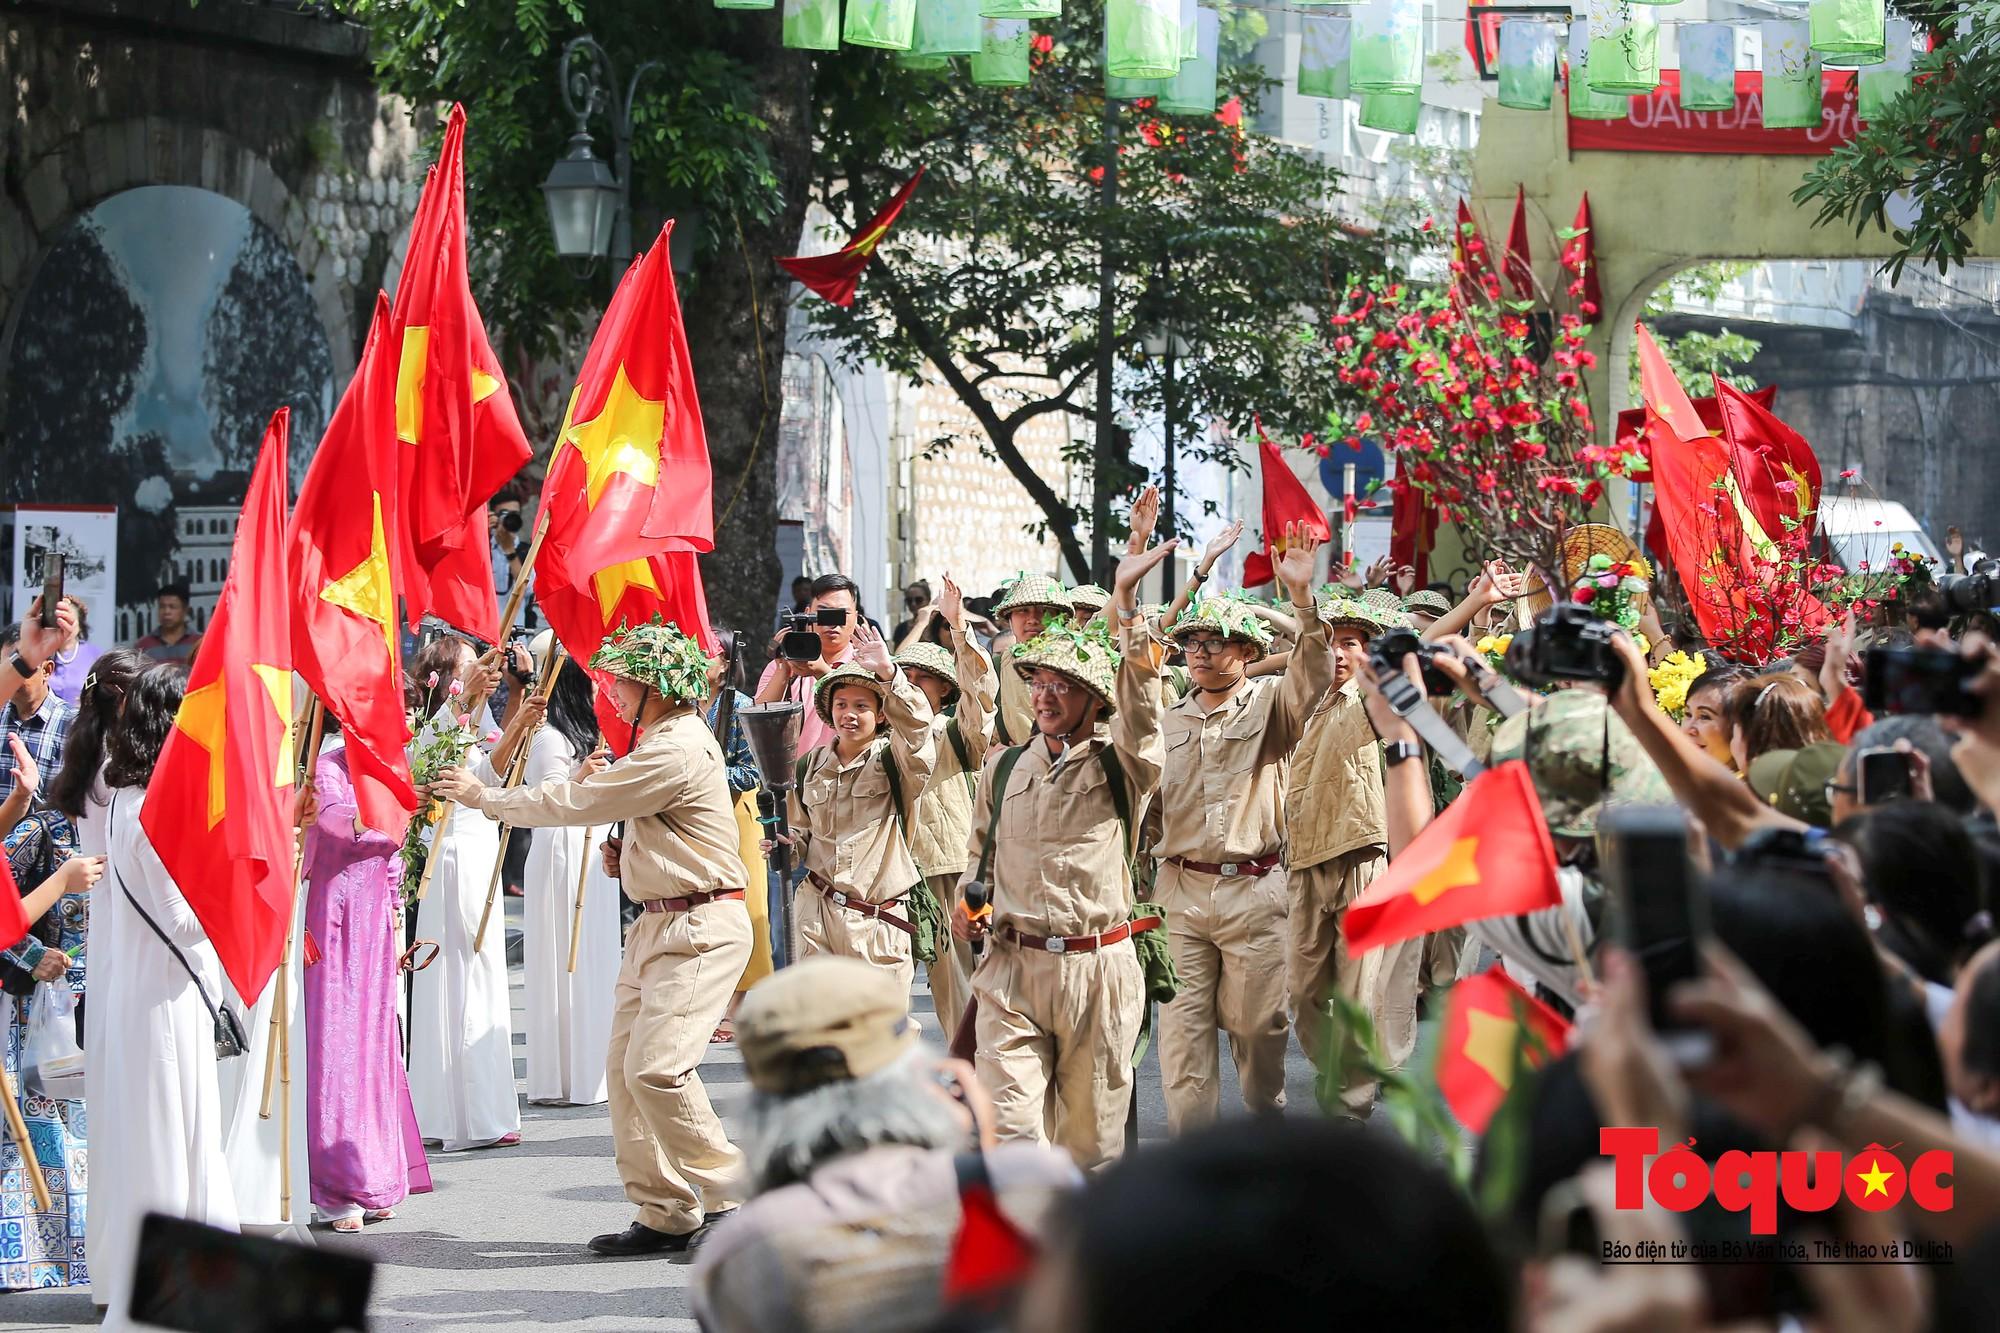 Tái hiện ký ức hào hùng đoàn quân chiến thắng trở về tiếp quản thủ đô Hà Nội 65 năm trước 3